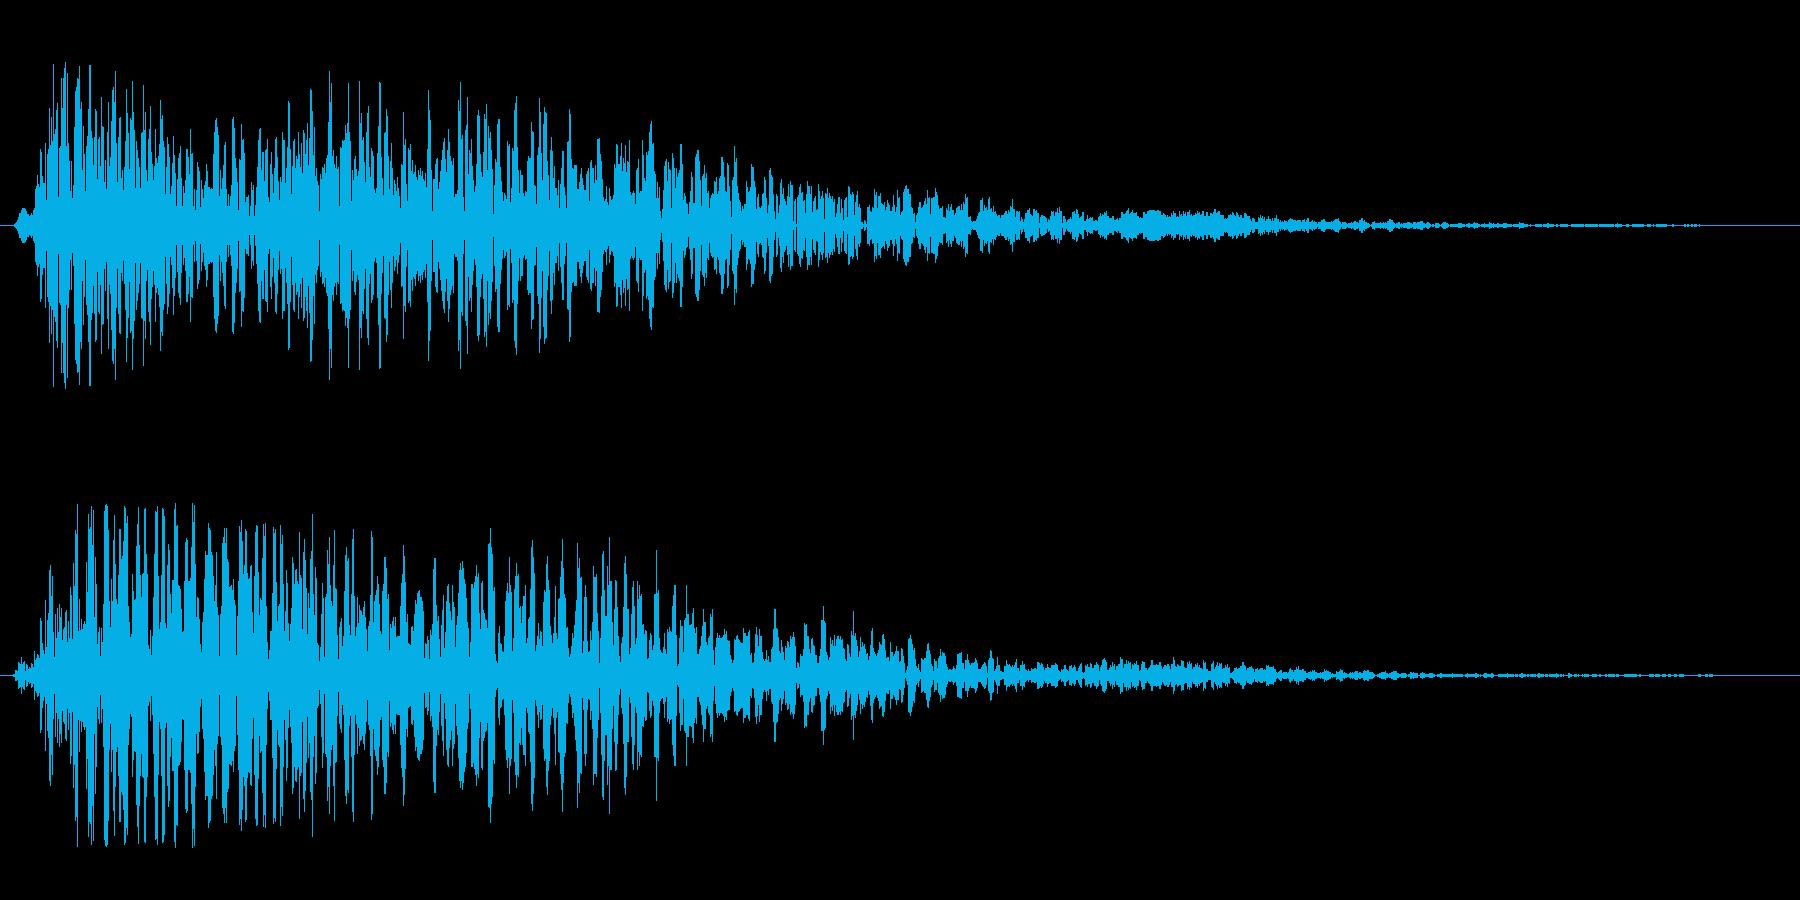 シンセ音を重ねた和音系のオシャレな効果音の再生済みの波形